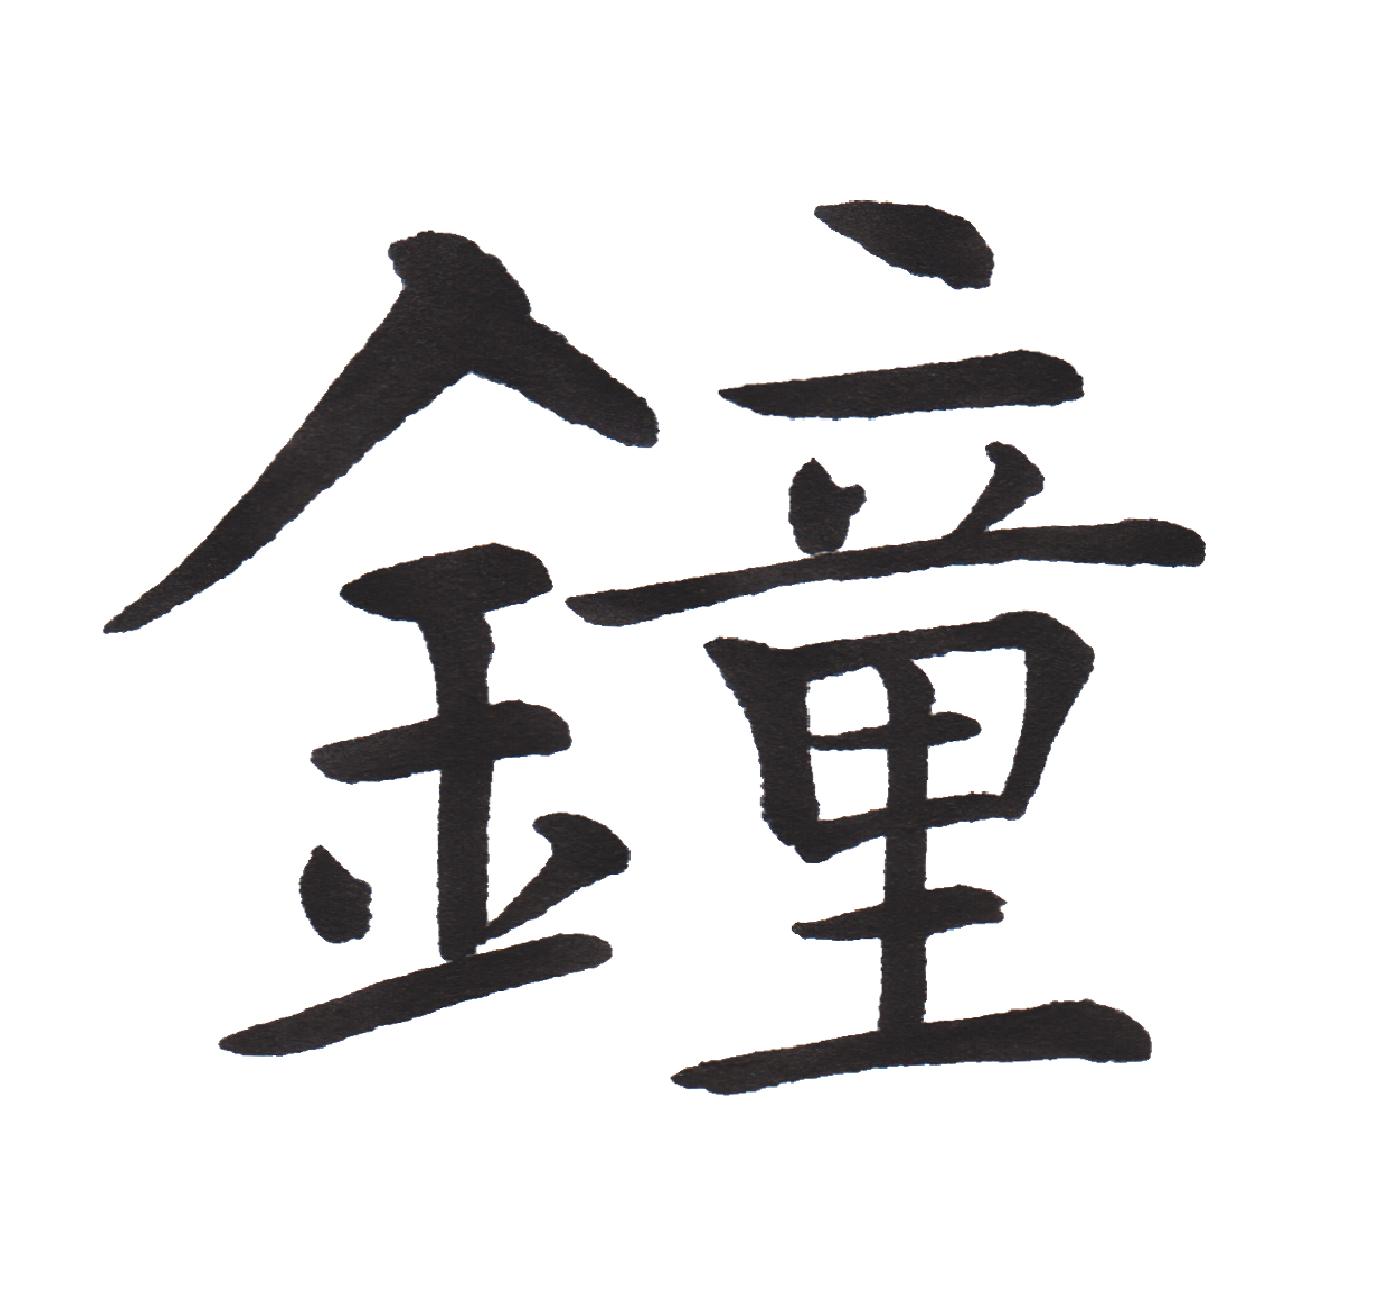 やむを得ず 漢字